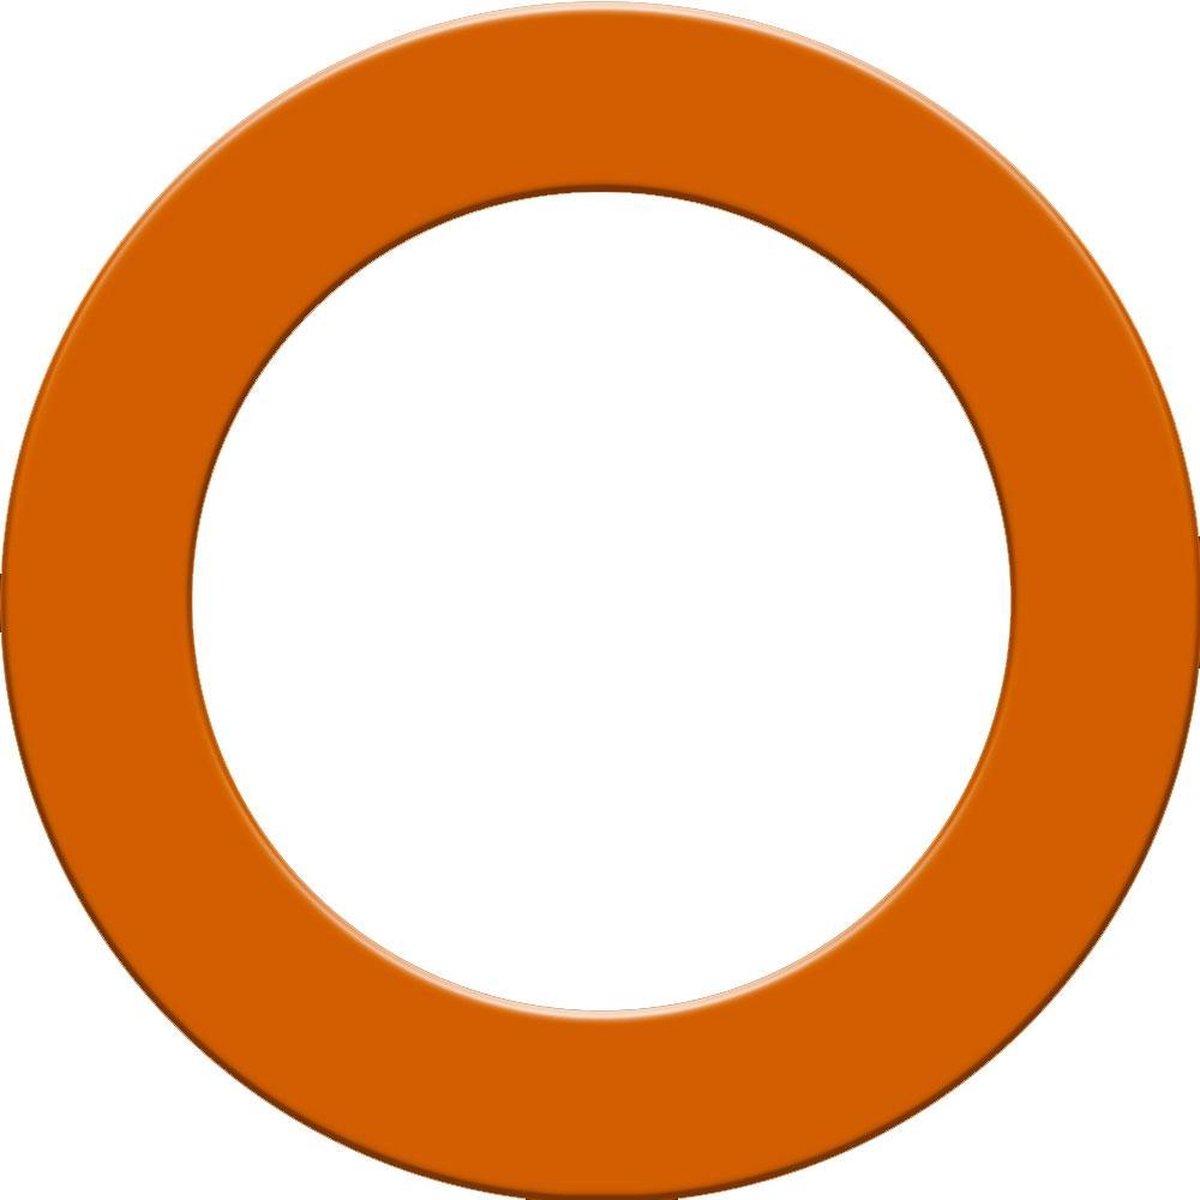 Lena Dartbord Surround Oranje